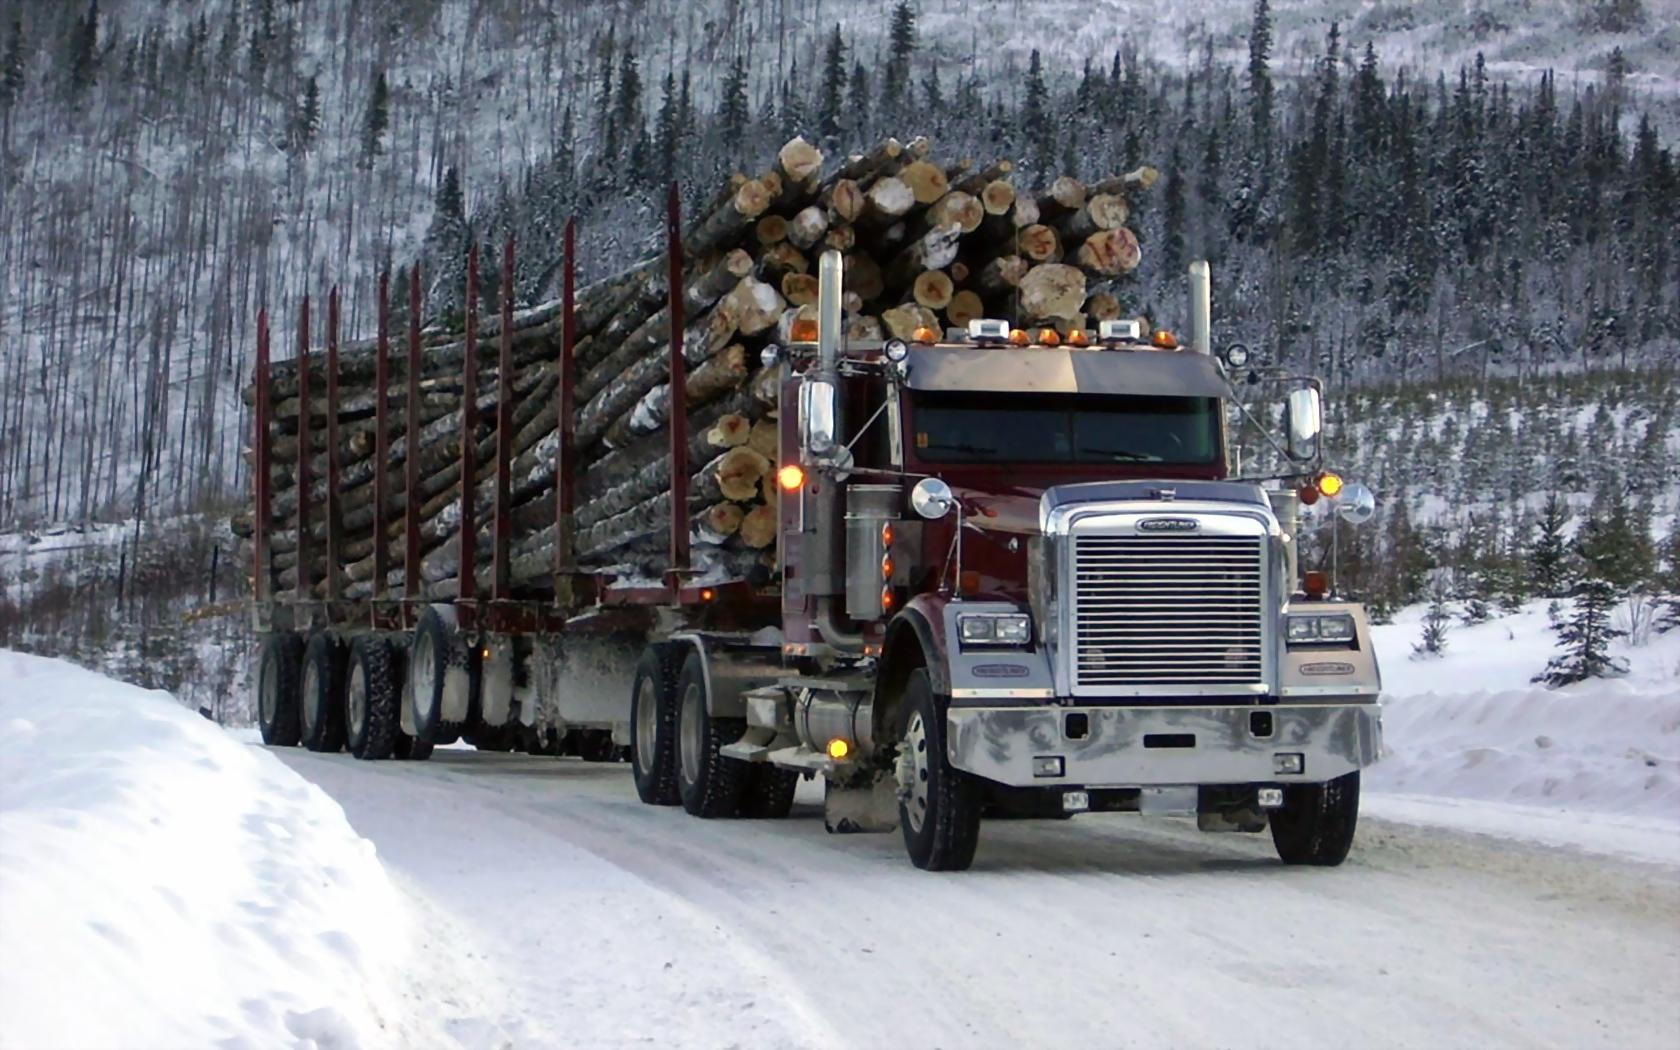 truck hd x wallpaper - photo #19